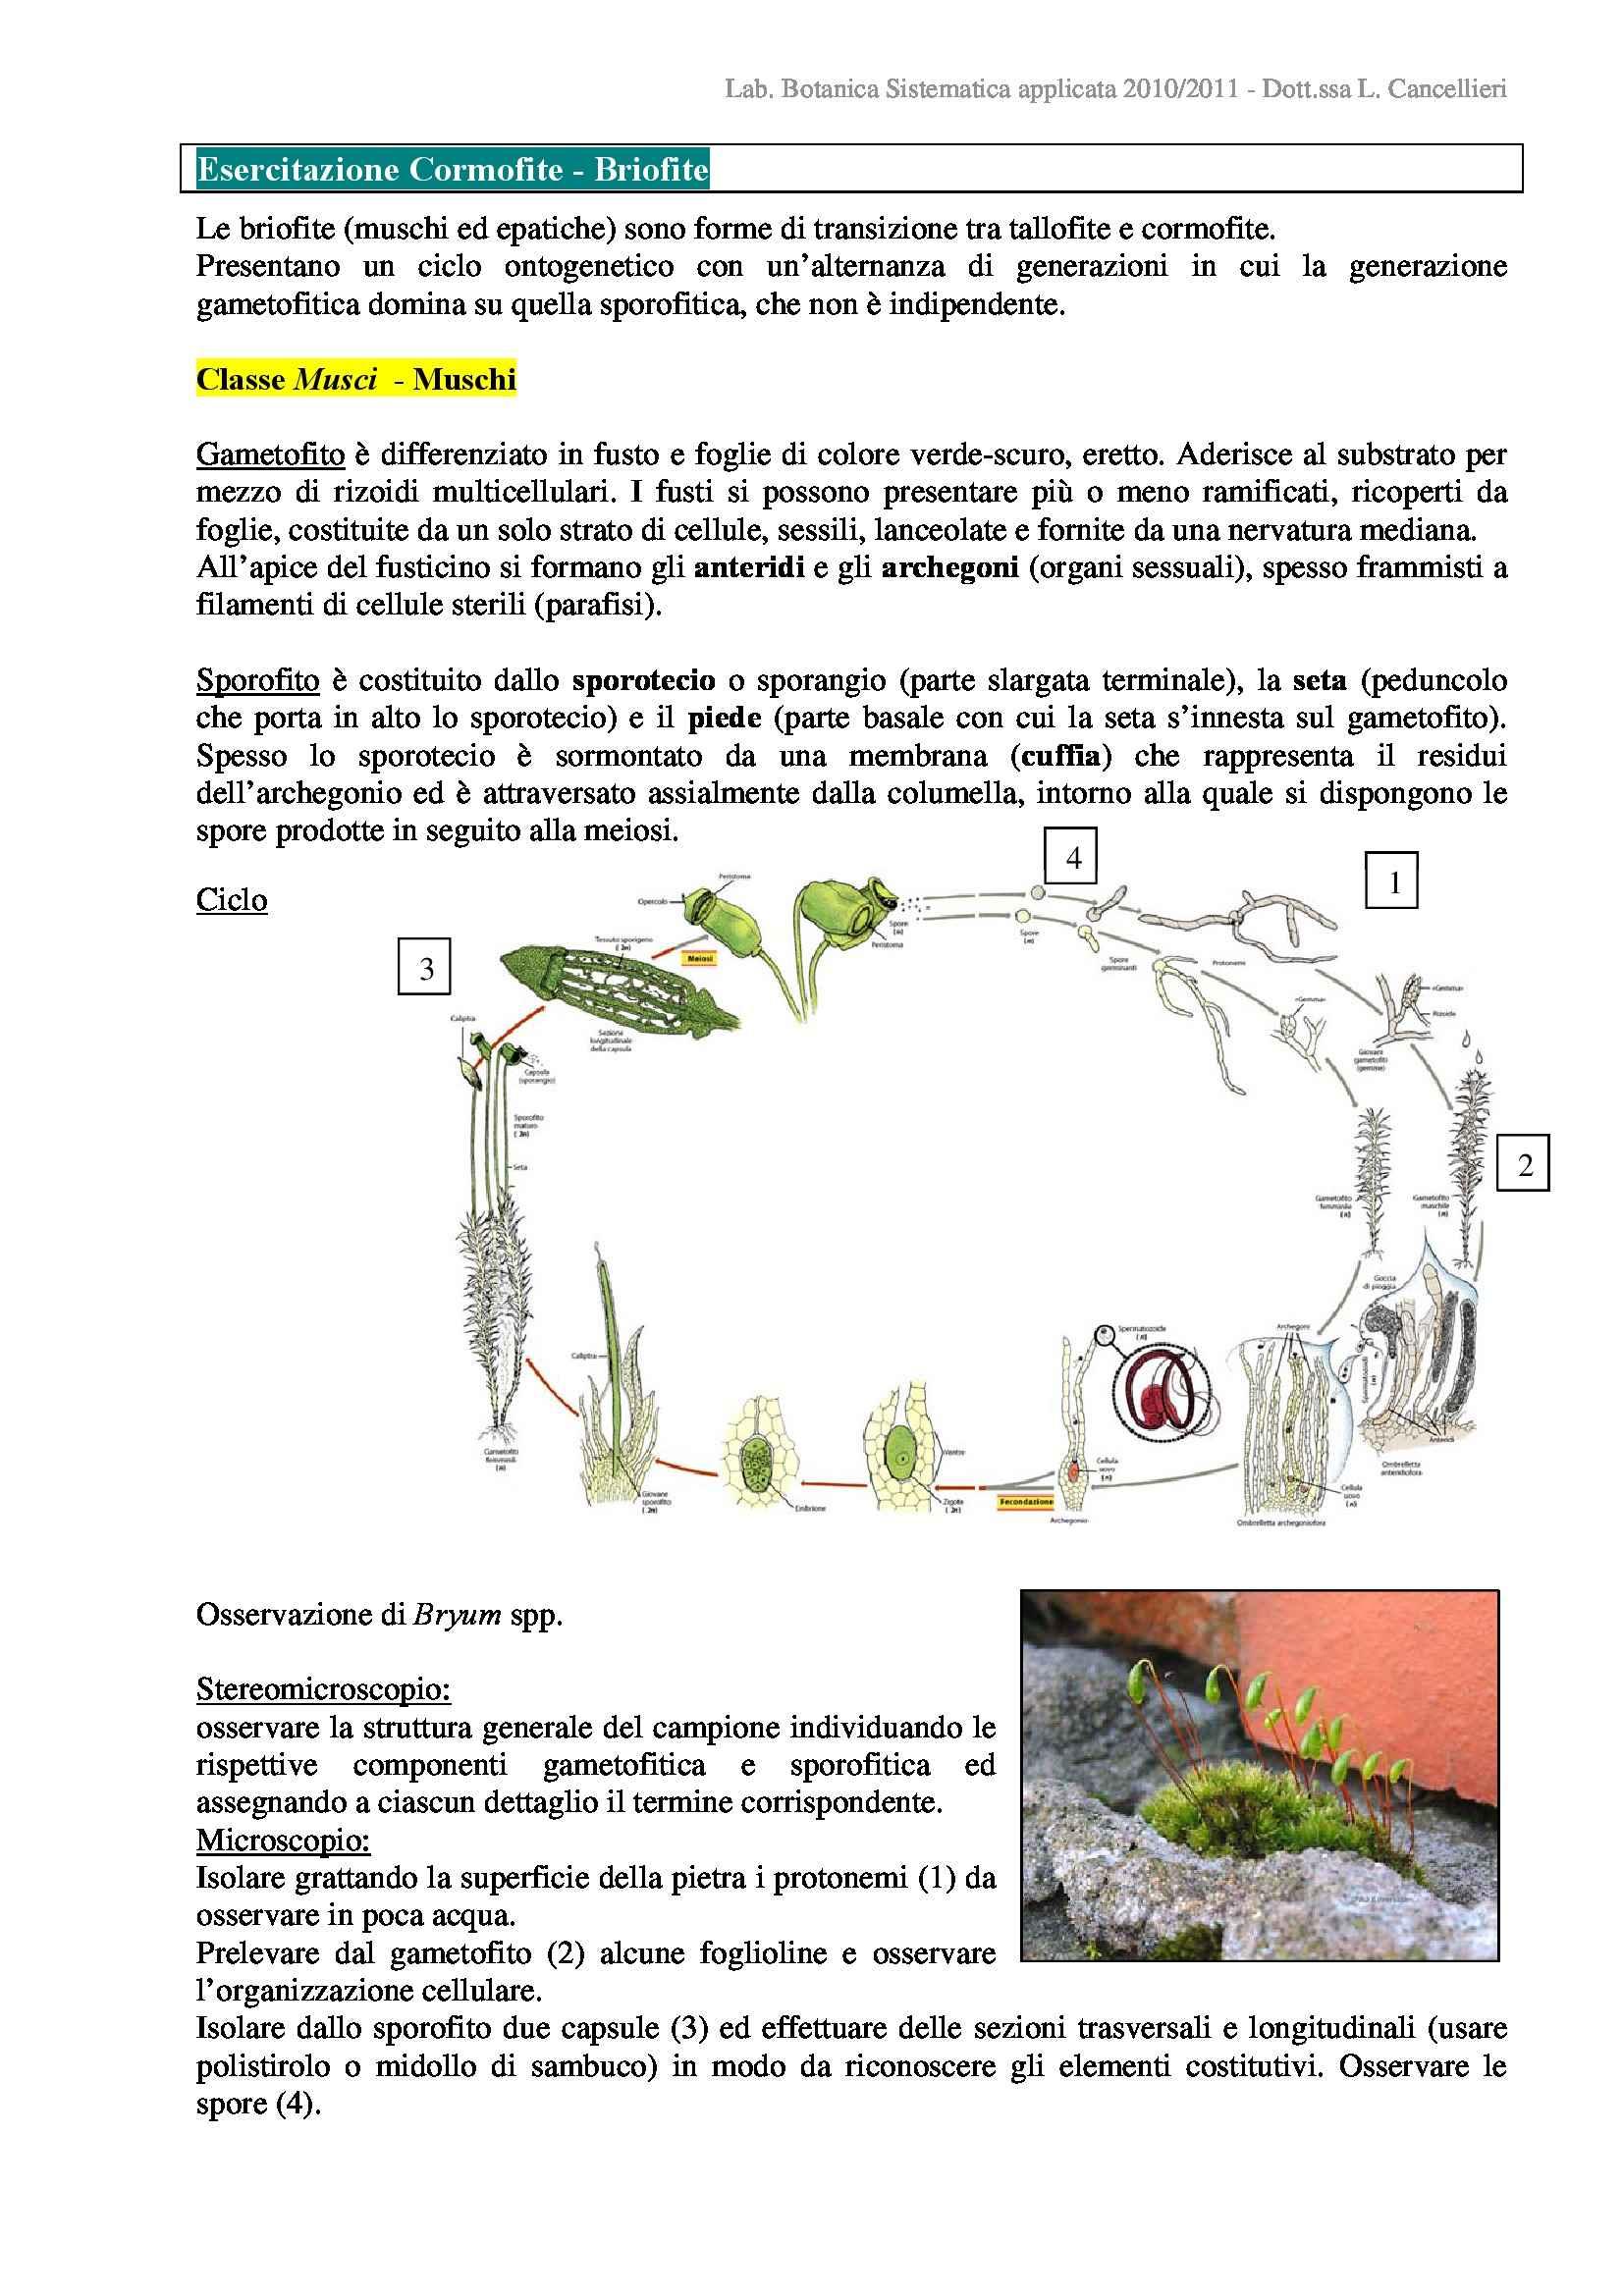 Briofite, Cormofite e Licofite